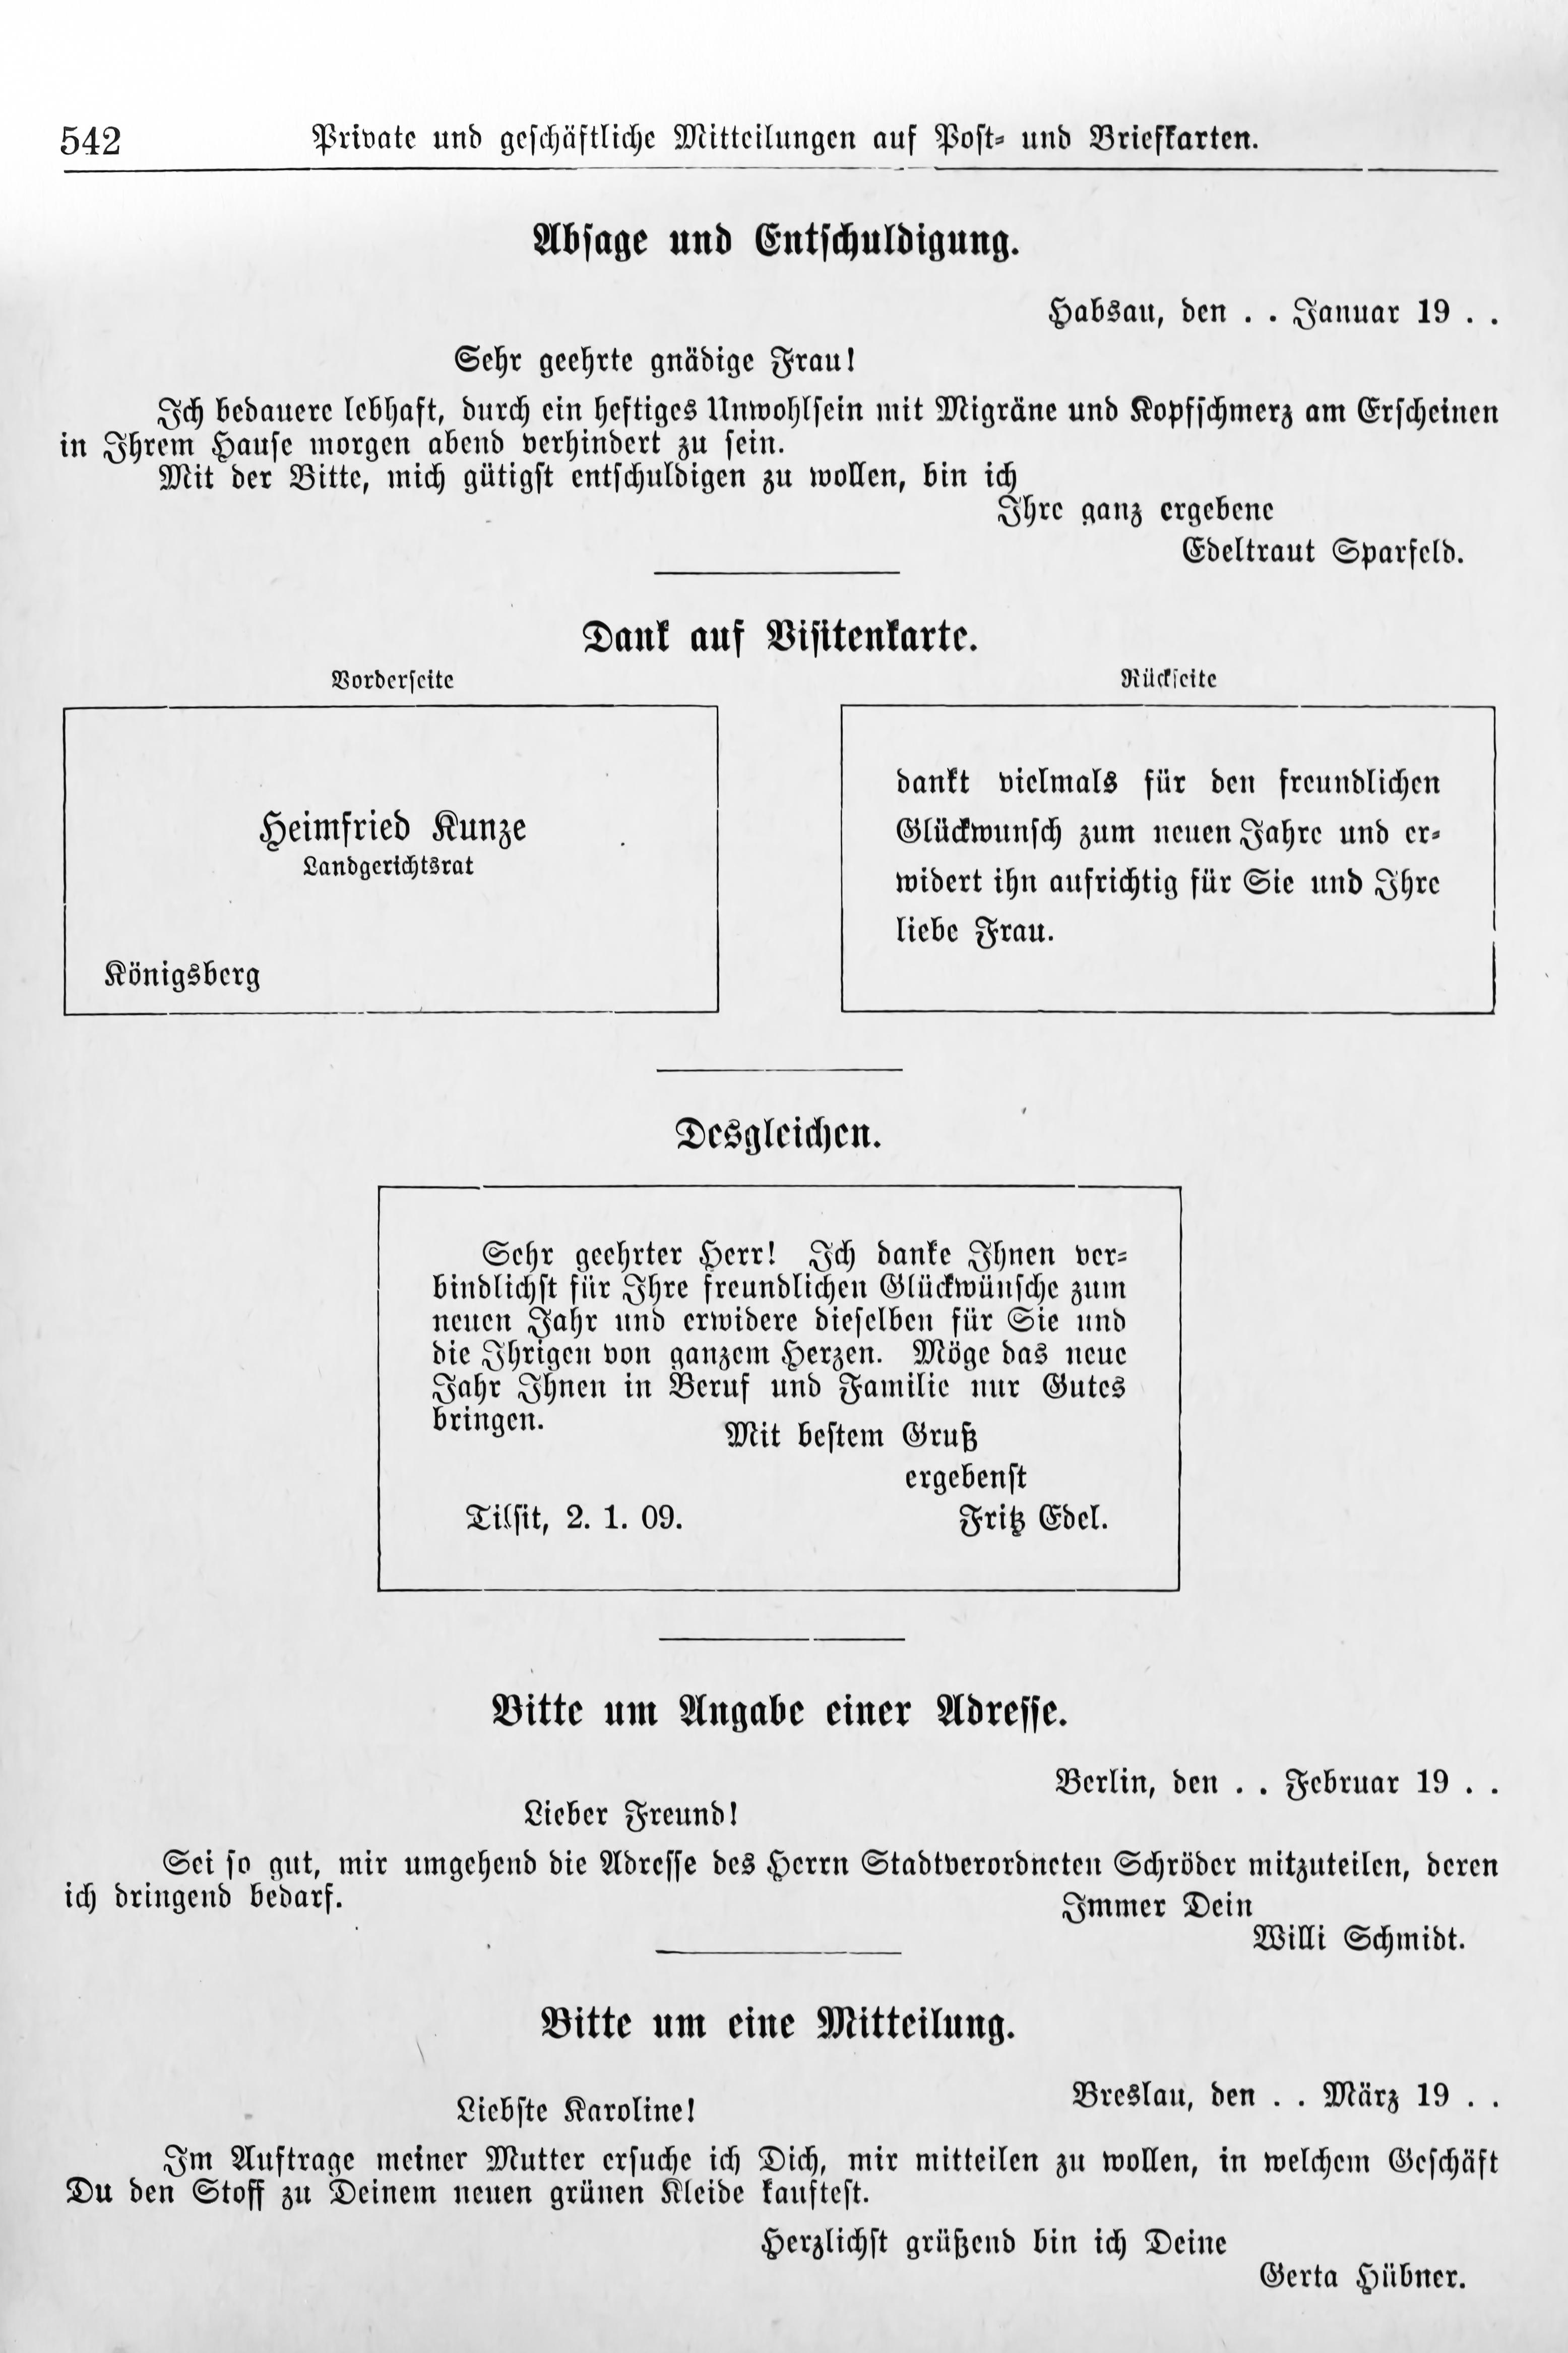 File:Der Haussekretär Hrsg Carl Otto Berlin ca 1900 Seite 542.jpg ...